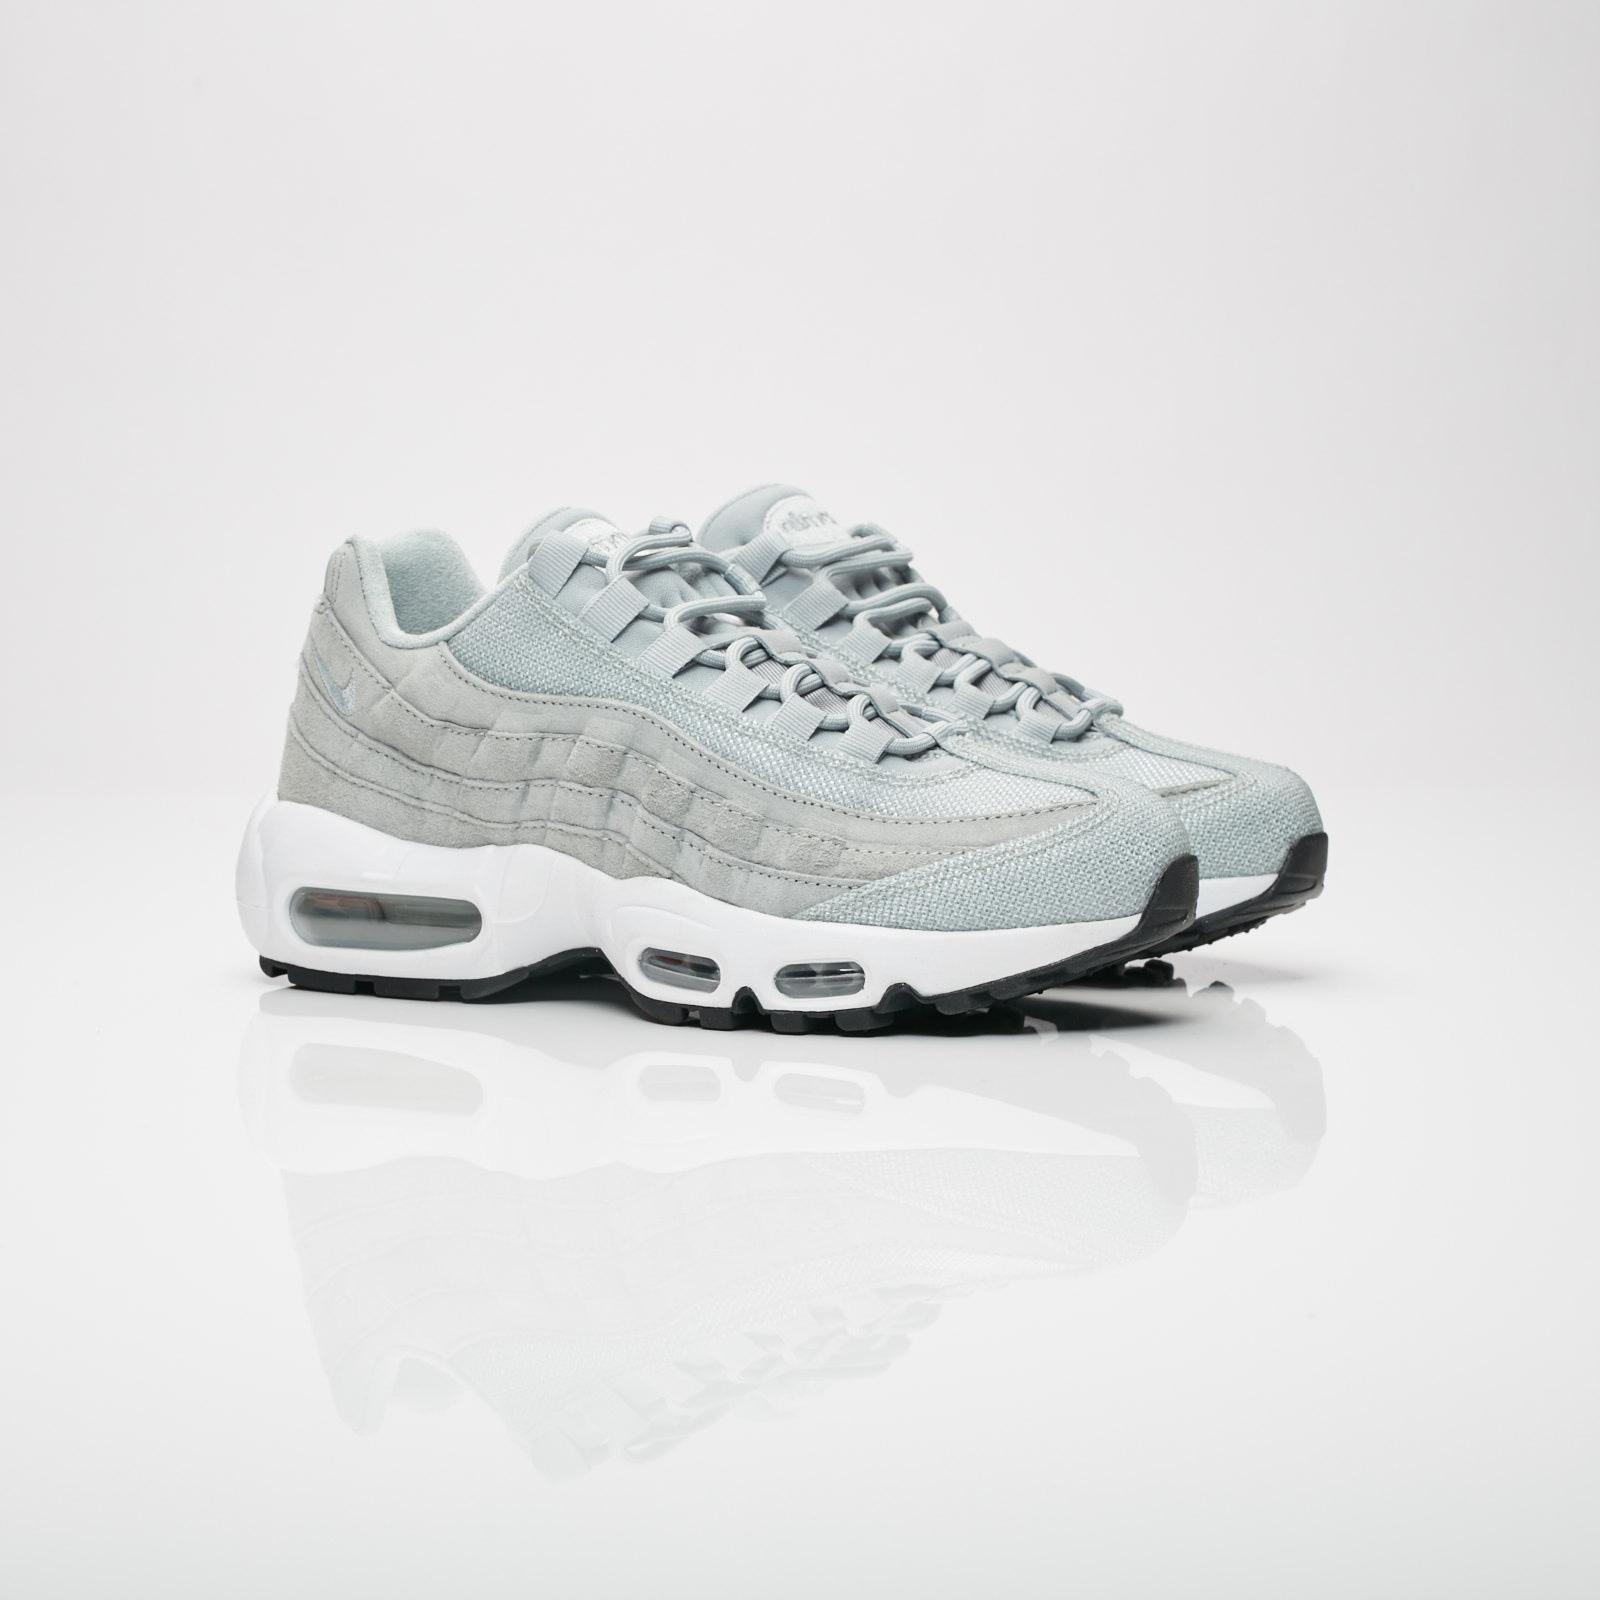 huge discount 1bc17 84e38 Nike Sportswear Wmns Air Max 95 PRM